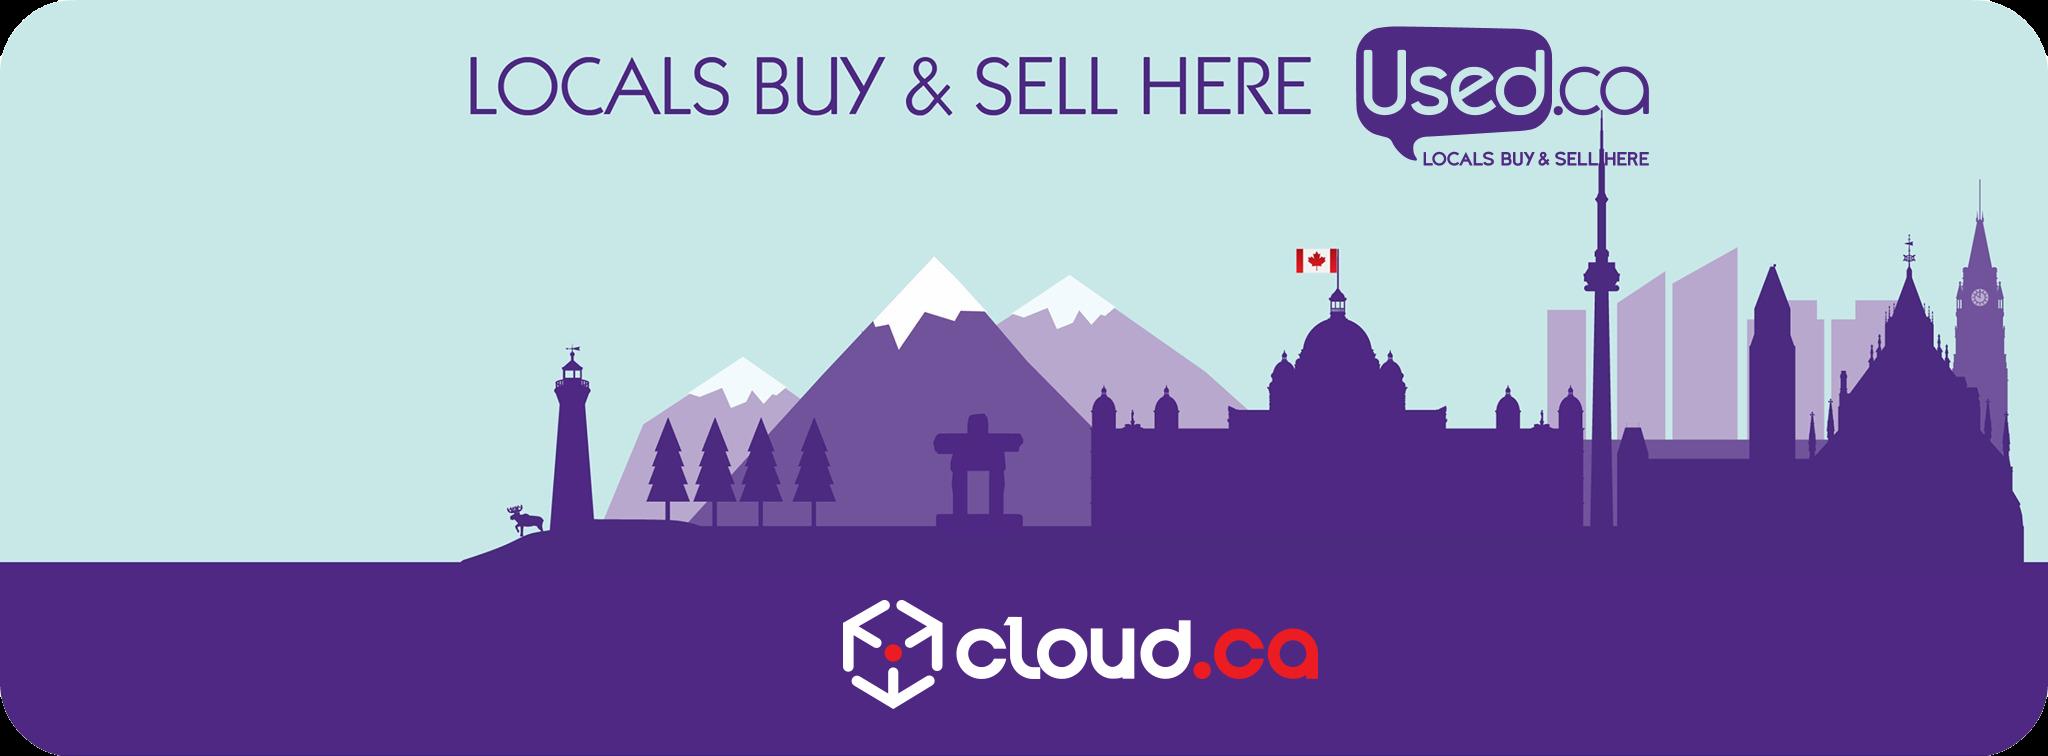 Used.ca cloud.ca skyline logos 2.png